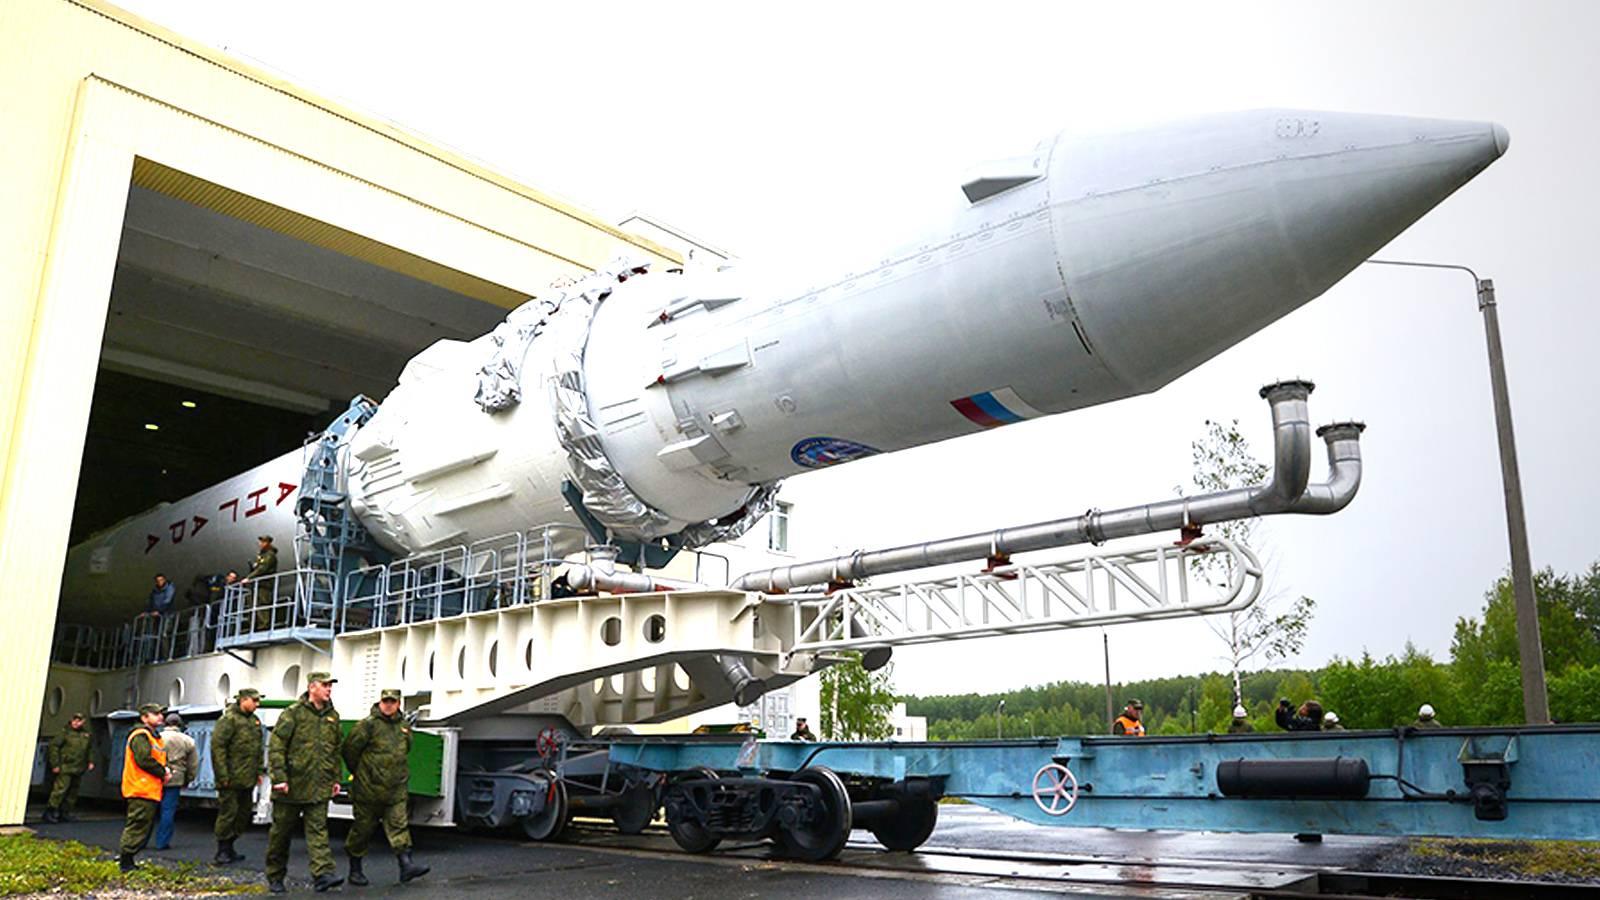 Вывоз ракеты космического назначения «Ангара-1.2ПП». Космодром Плесецк